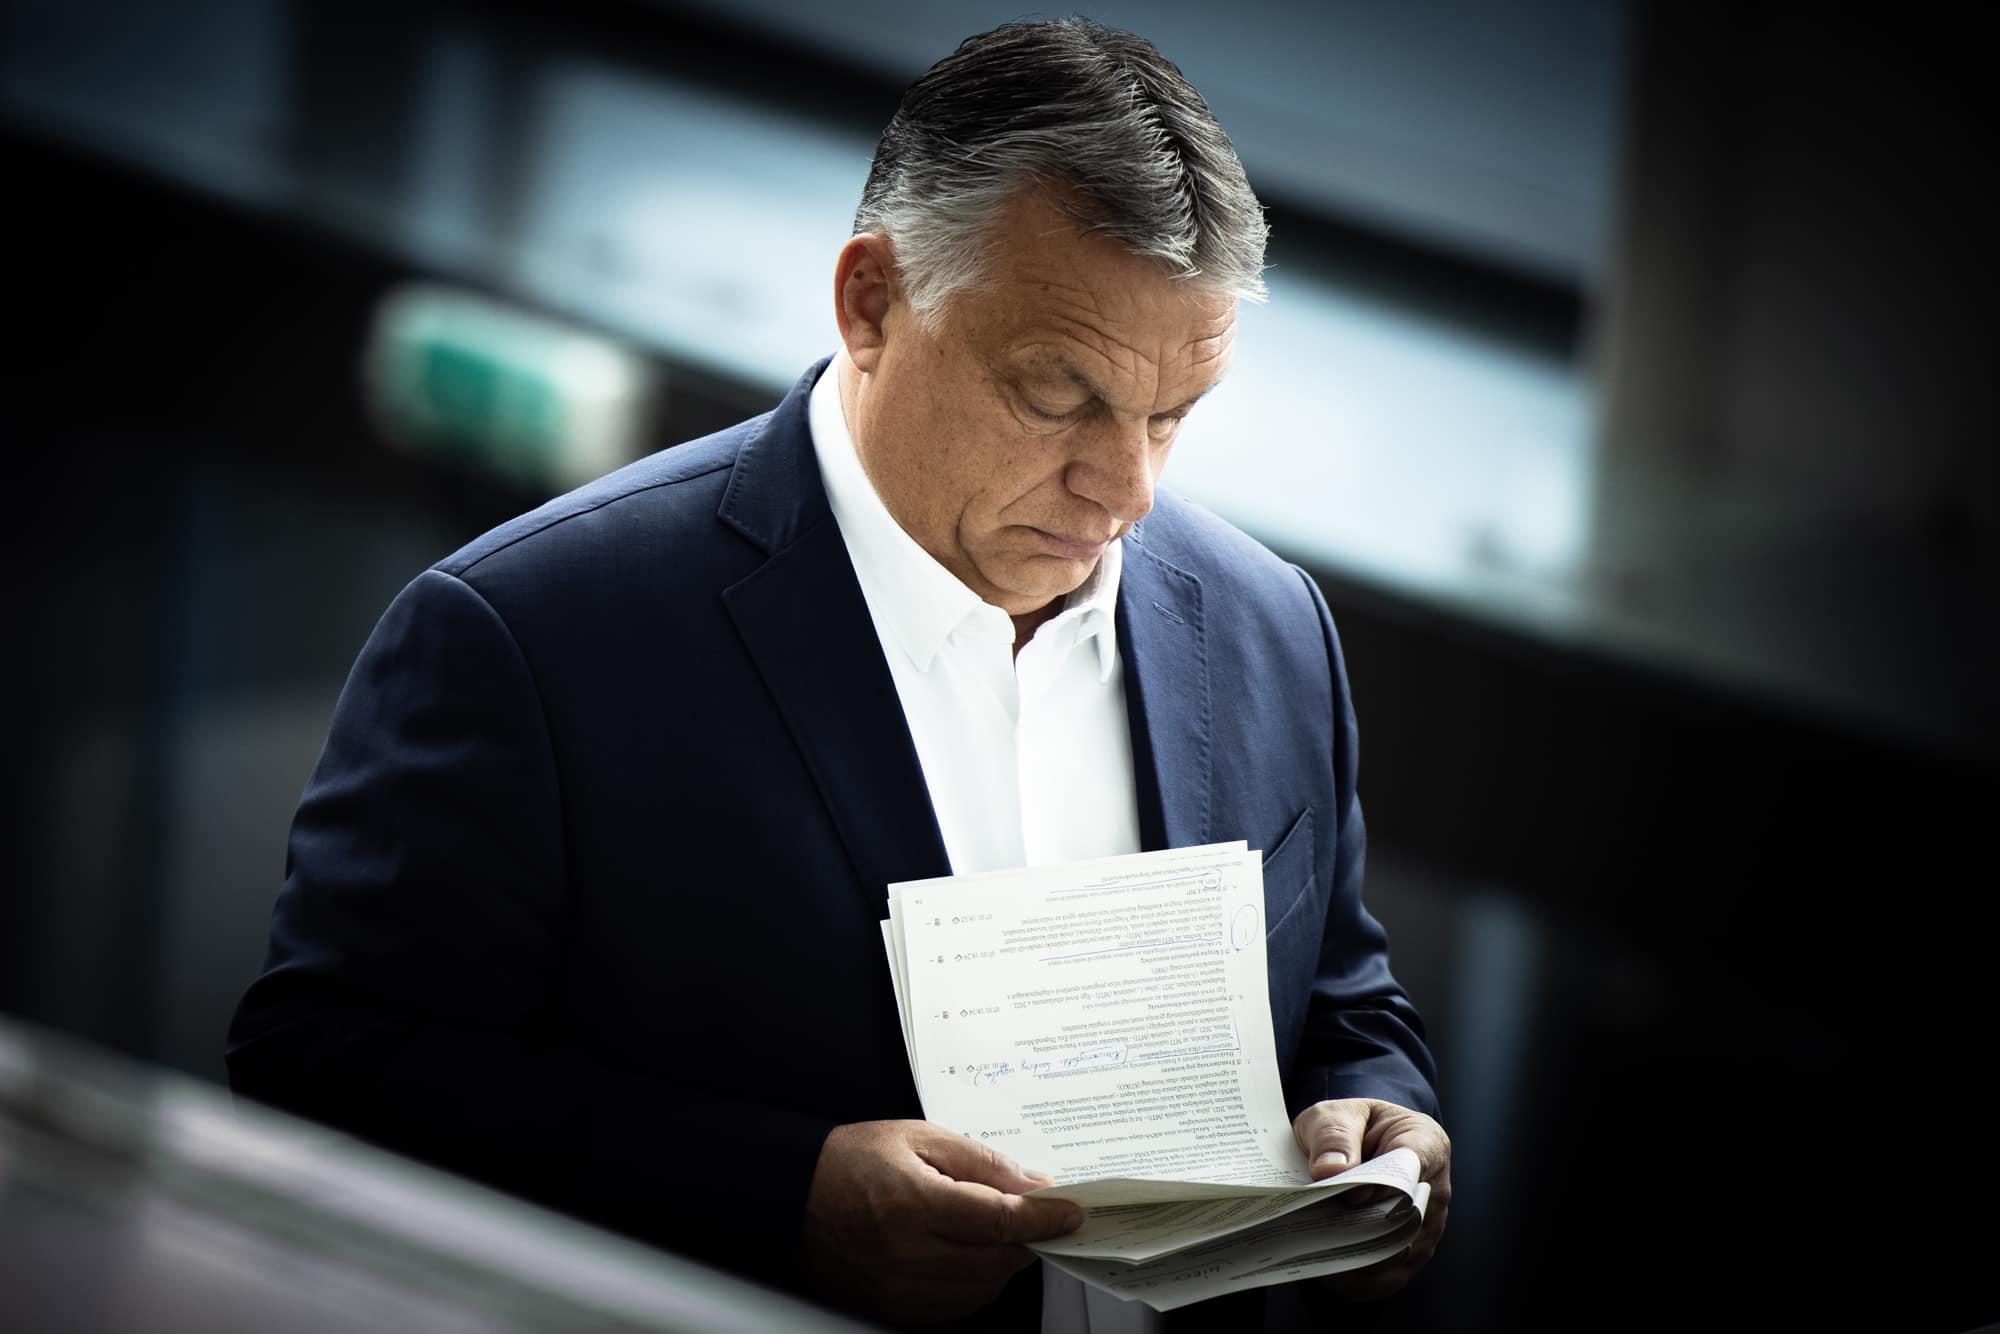 Orbán: Brüssel will, dass Ungarn LGBTQ-Aktivisten in Schulen und Kindergärten erlaubt